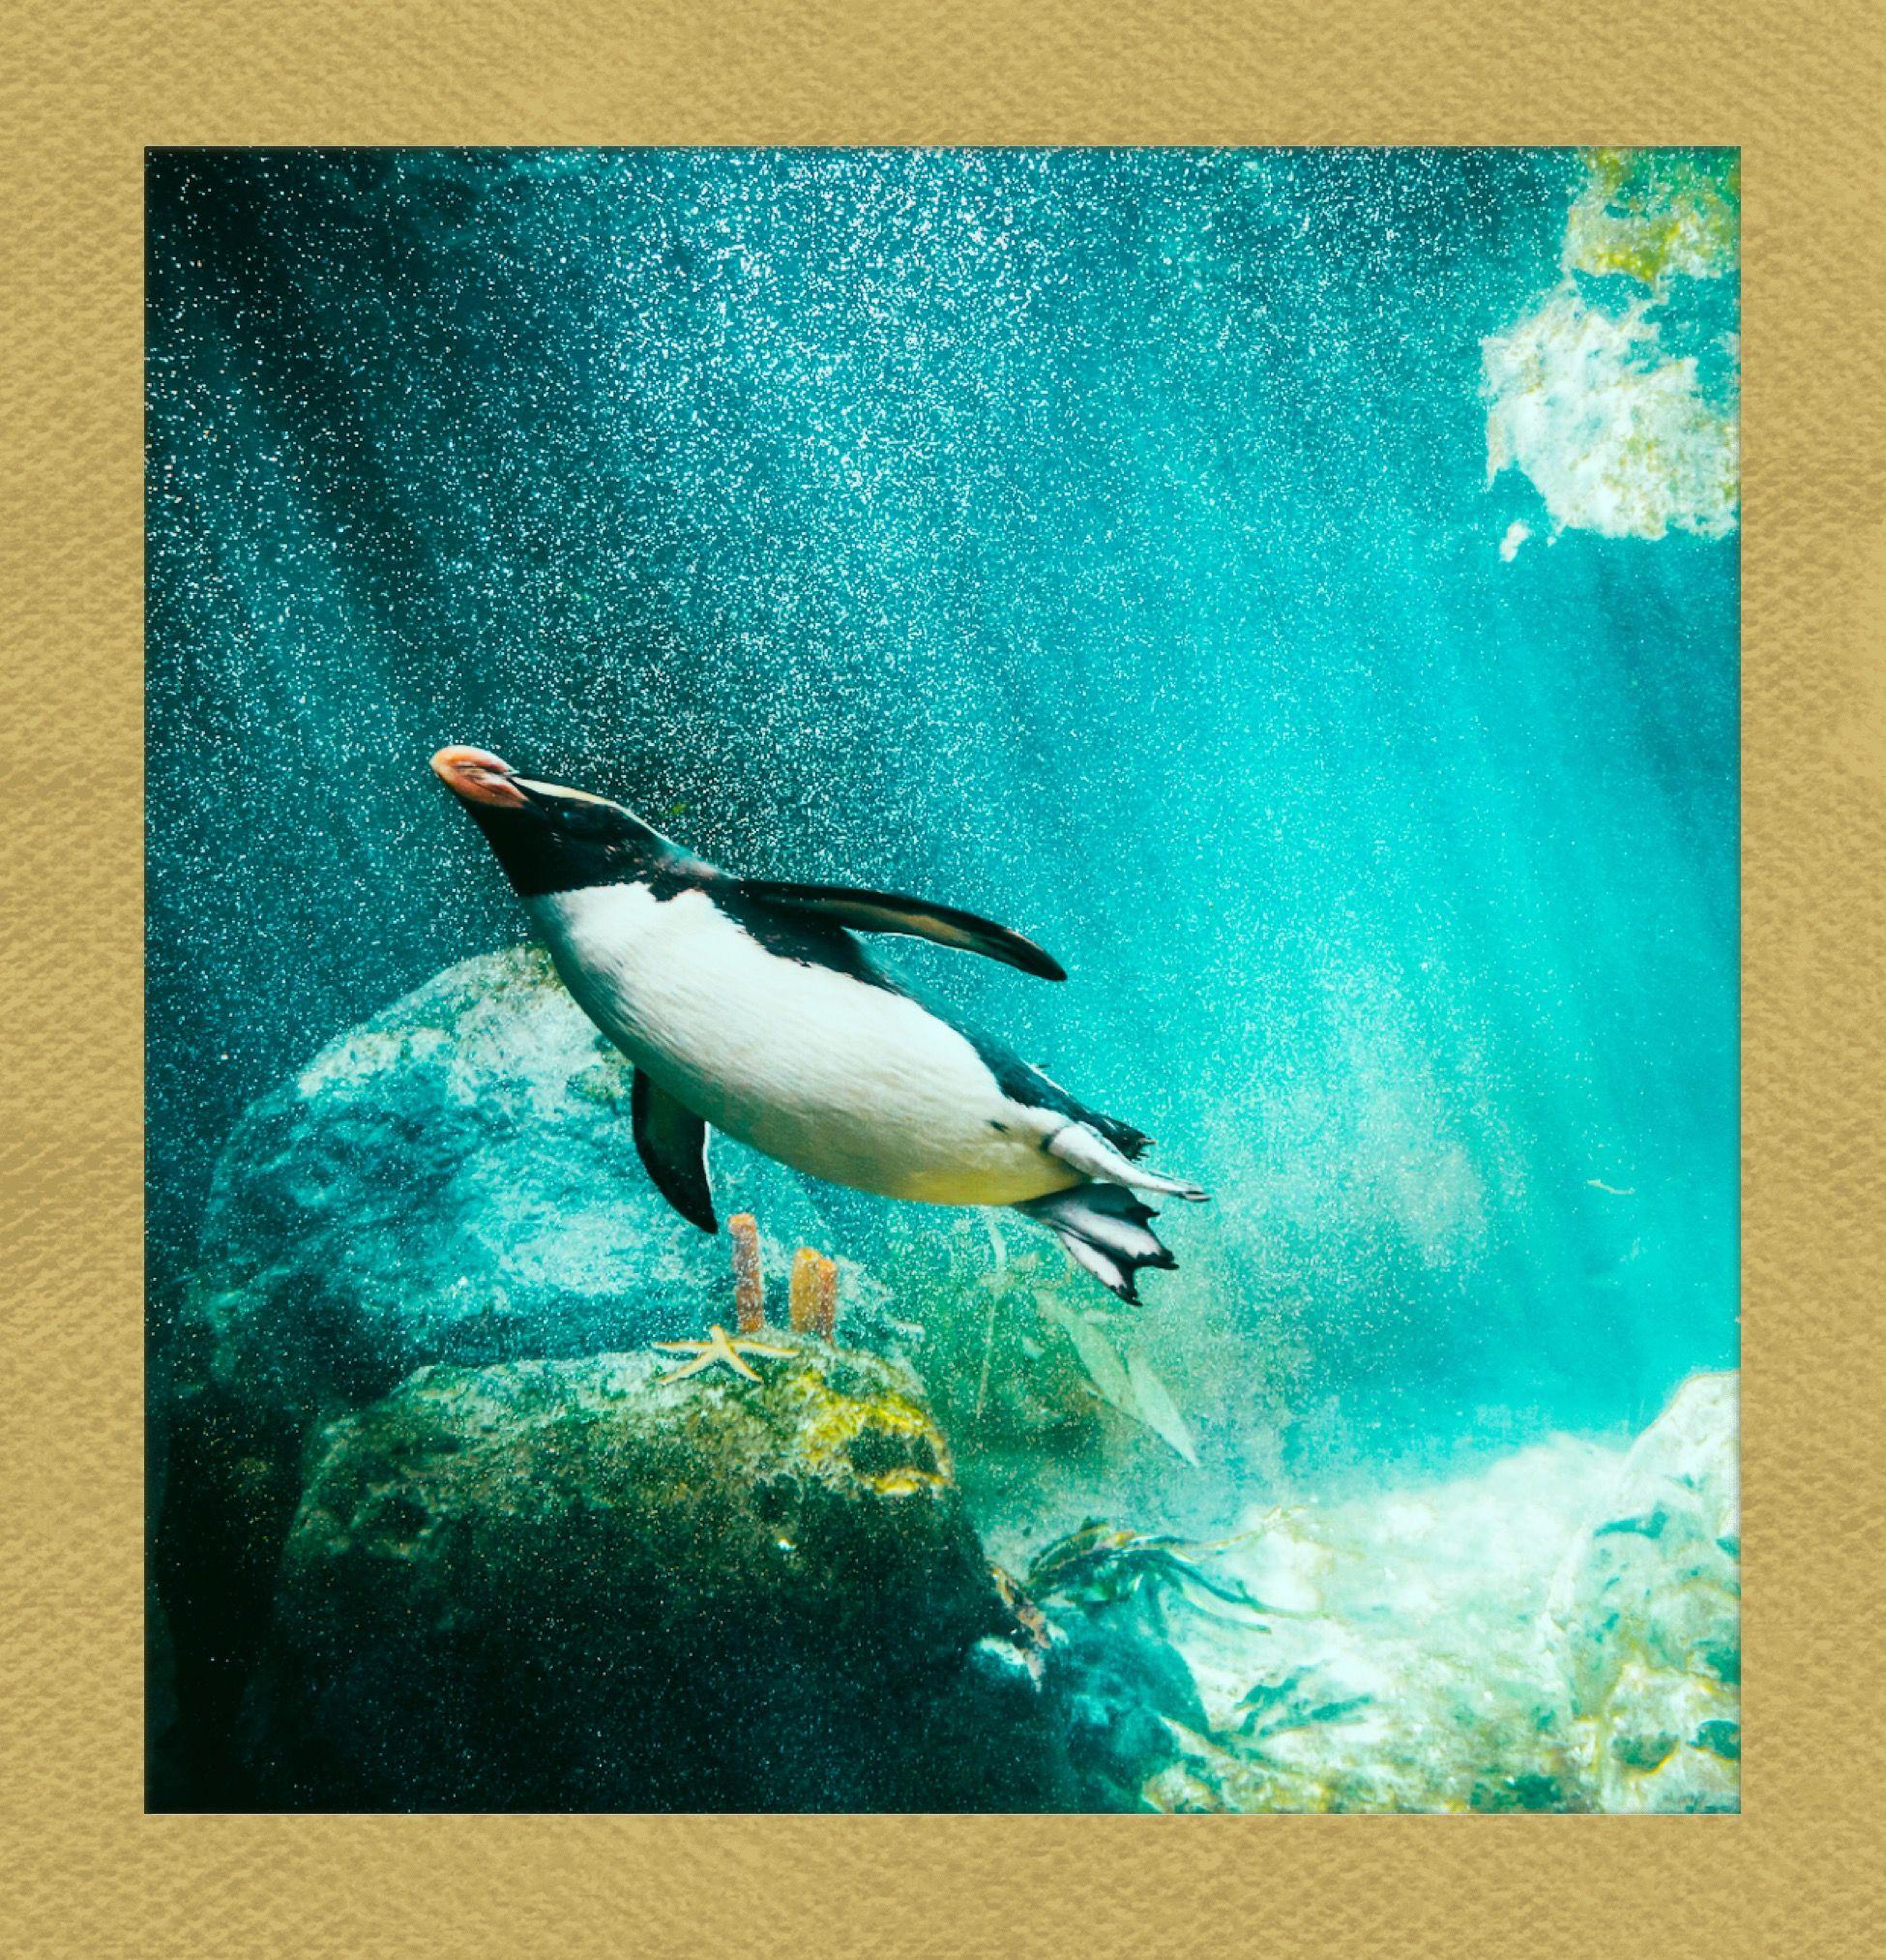 Flying Underwater Follow Polaroidfx Polaroid Frame